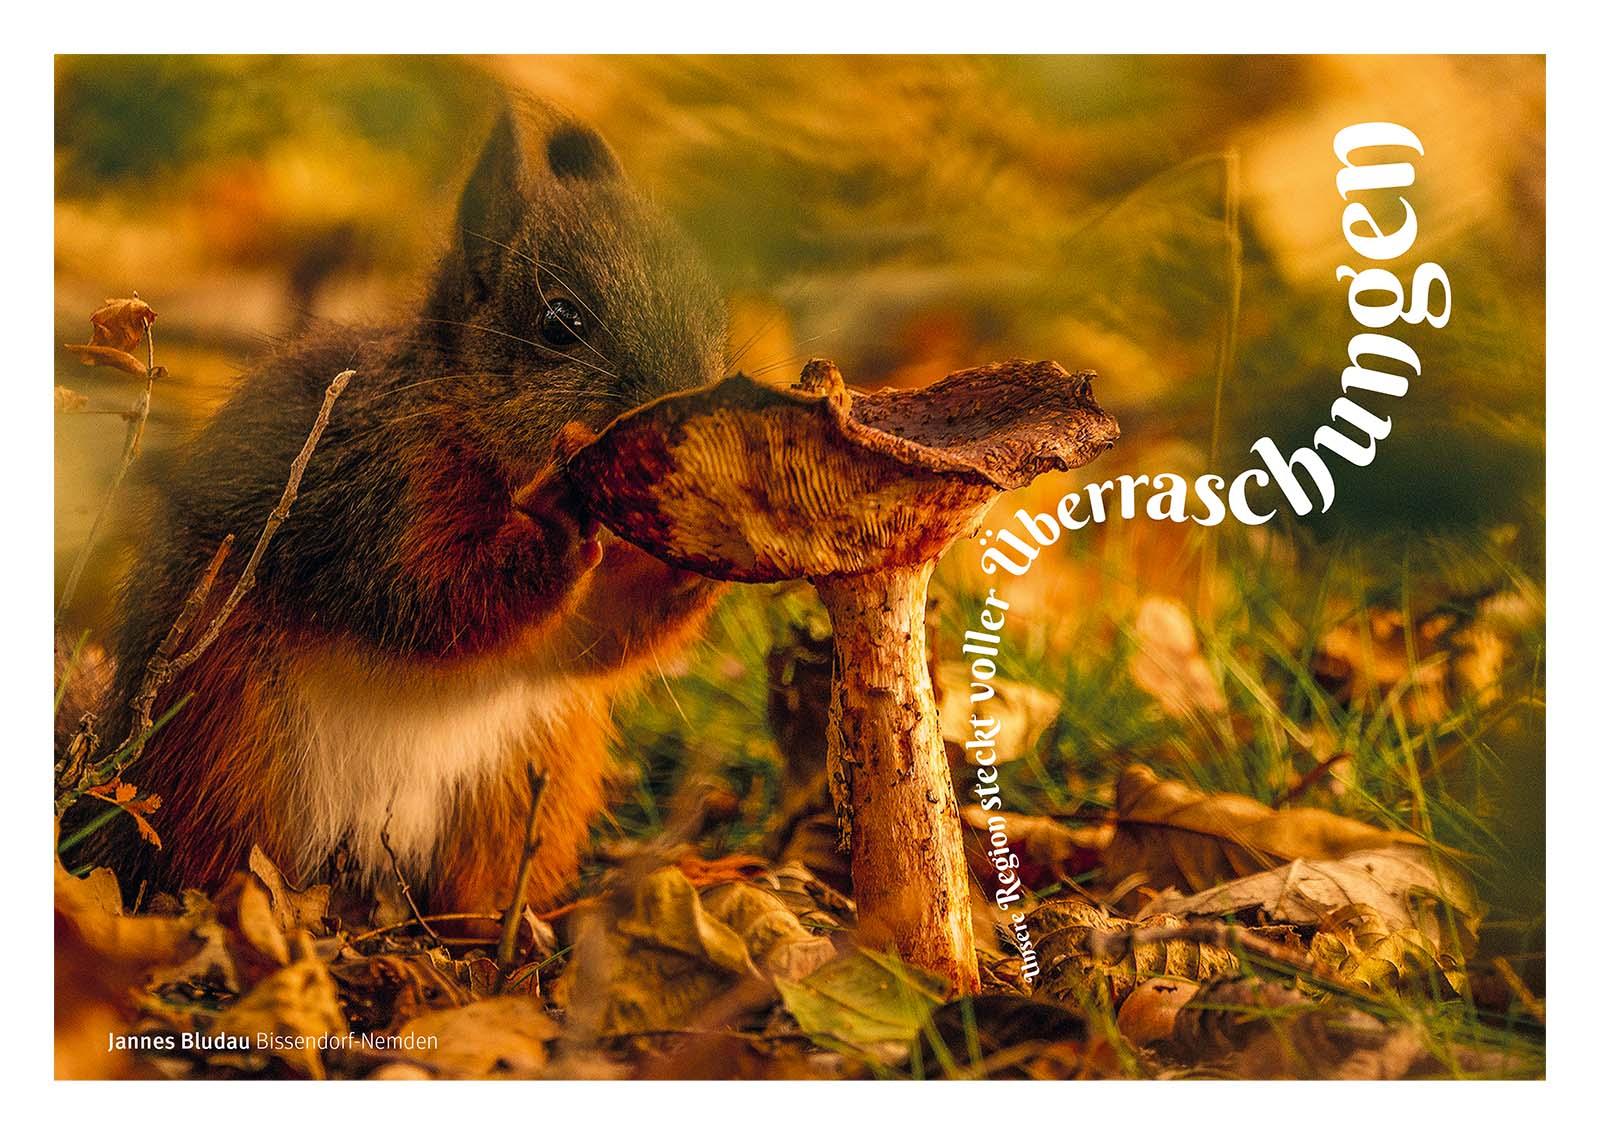 Postkarten Terra Vita: Die Osnabrücker Grafikdesign- und WordPress-Agentur Hasegold entwickelte die Postkartenserie für den Natur- und Geopark TEERA.vita.